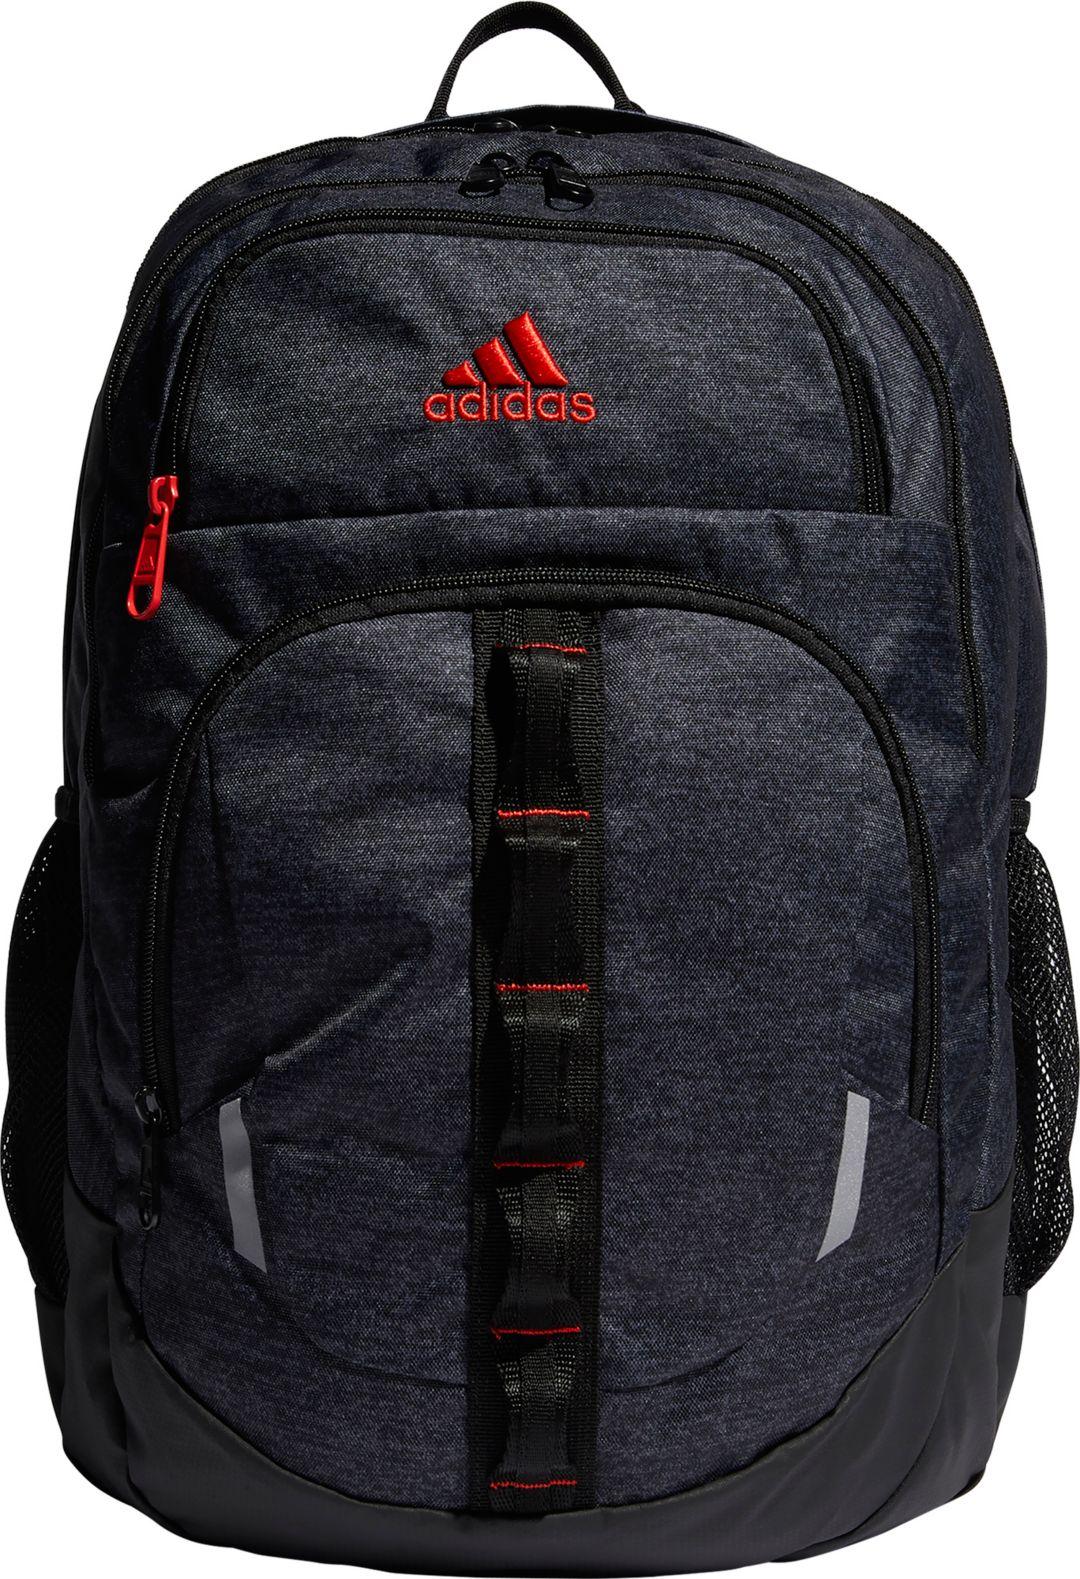 34559f8134 adidas Prime V Backpack